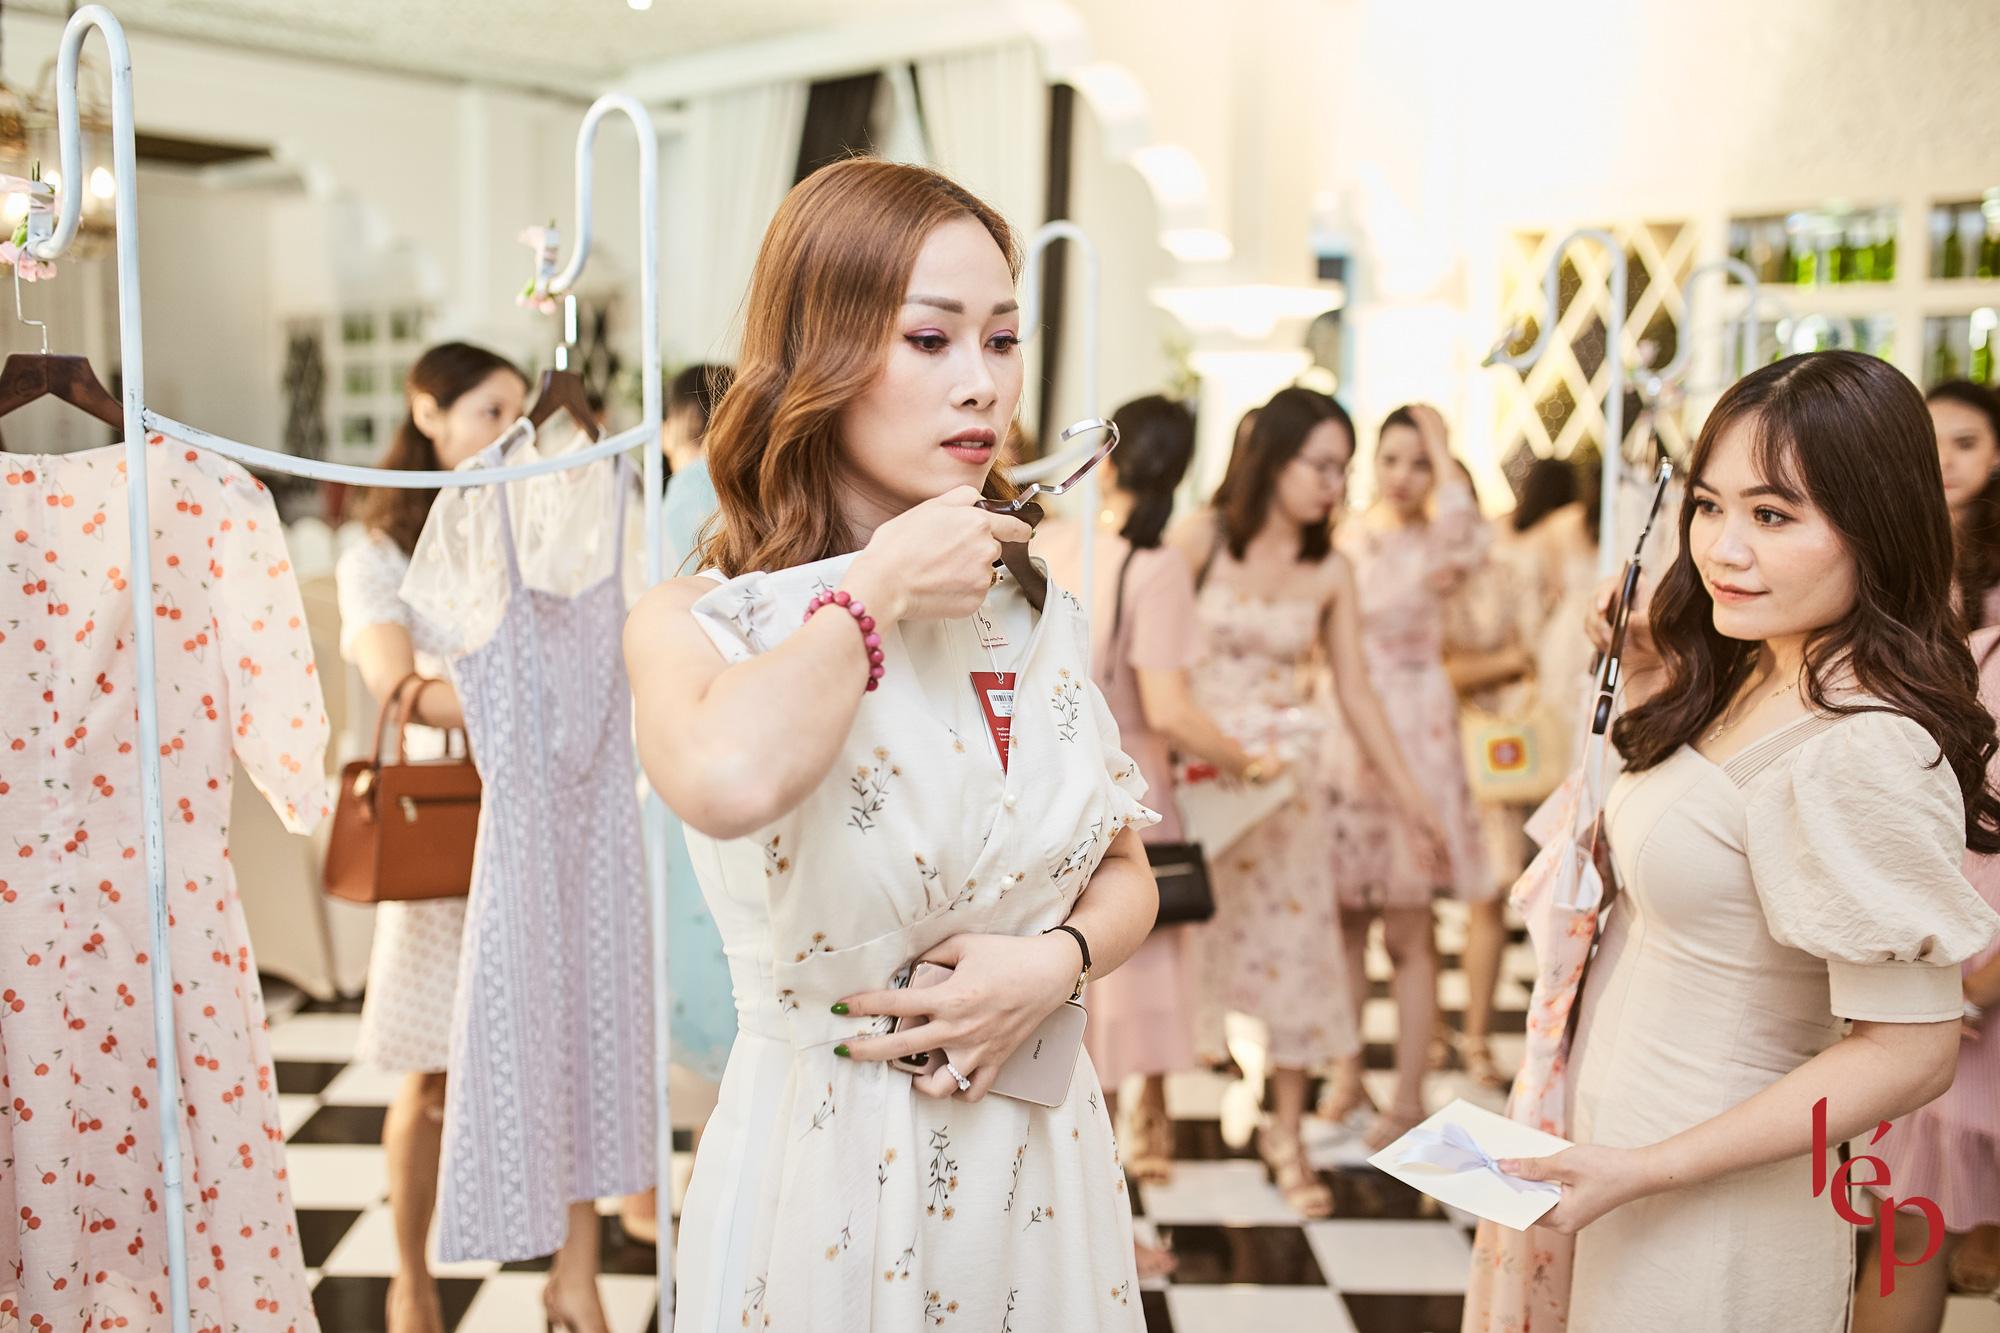 Lep' - Brand nổi tiếng với những chiếc váy hoa cùng khách hàng thiết kế họa trên lụa - Ảnh 9.